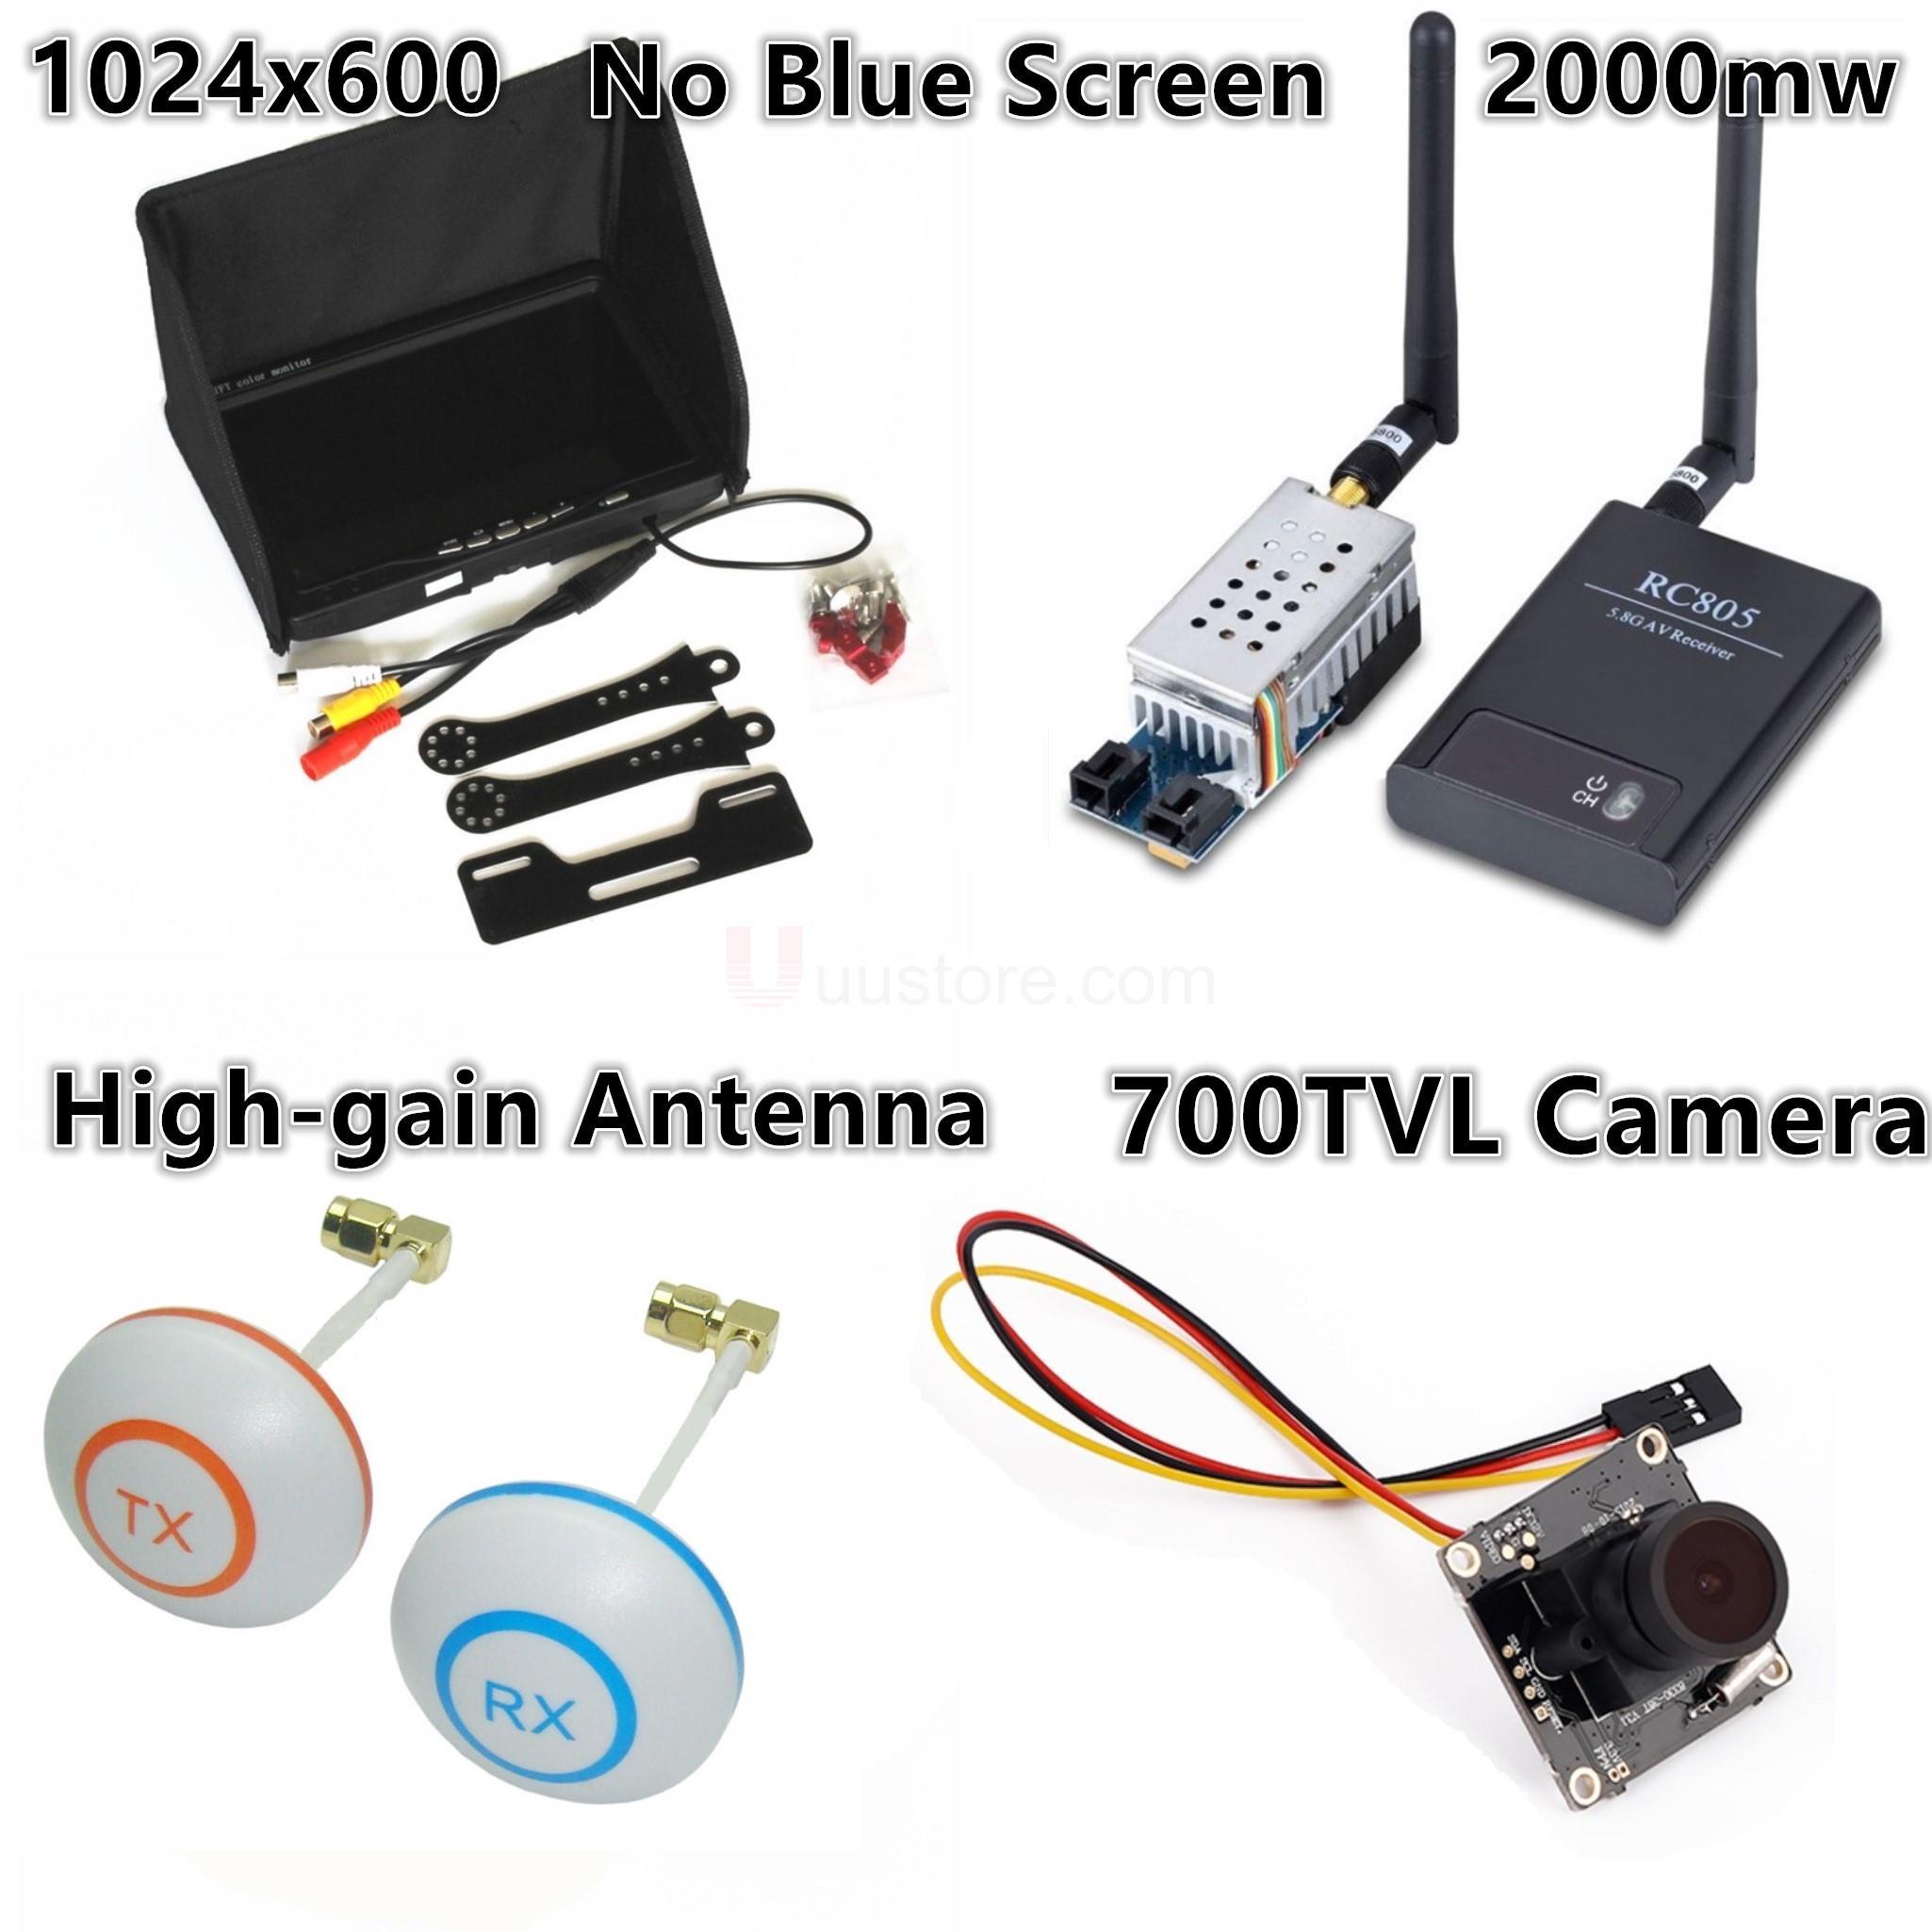 Sistema de Combo 5.8 Ghz Boscam 5.8g 2000 mw FPV Transmissor TS582000 Receptor RC805 TX RX 1024x600 Do Monitor 700TVL Câmera Para Zangão